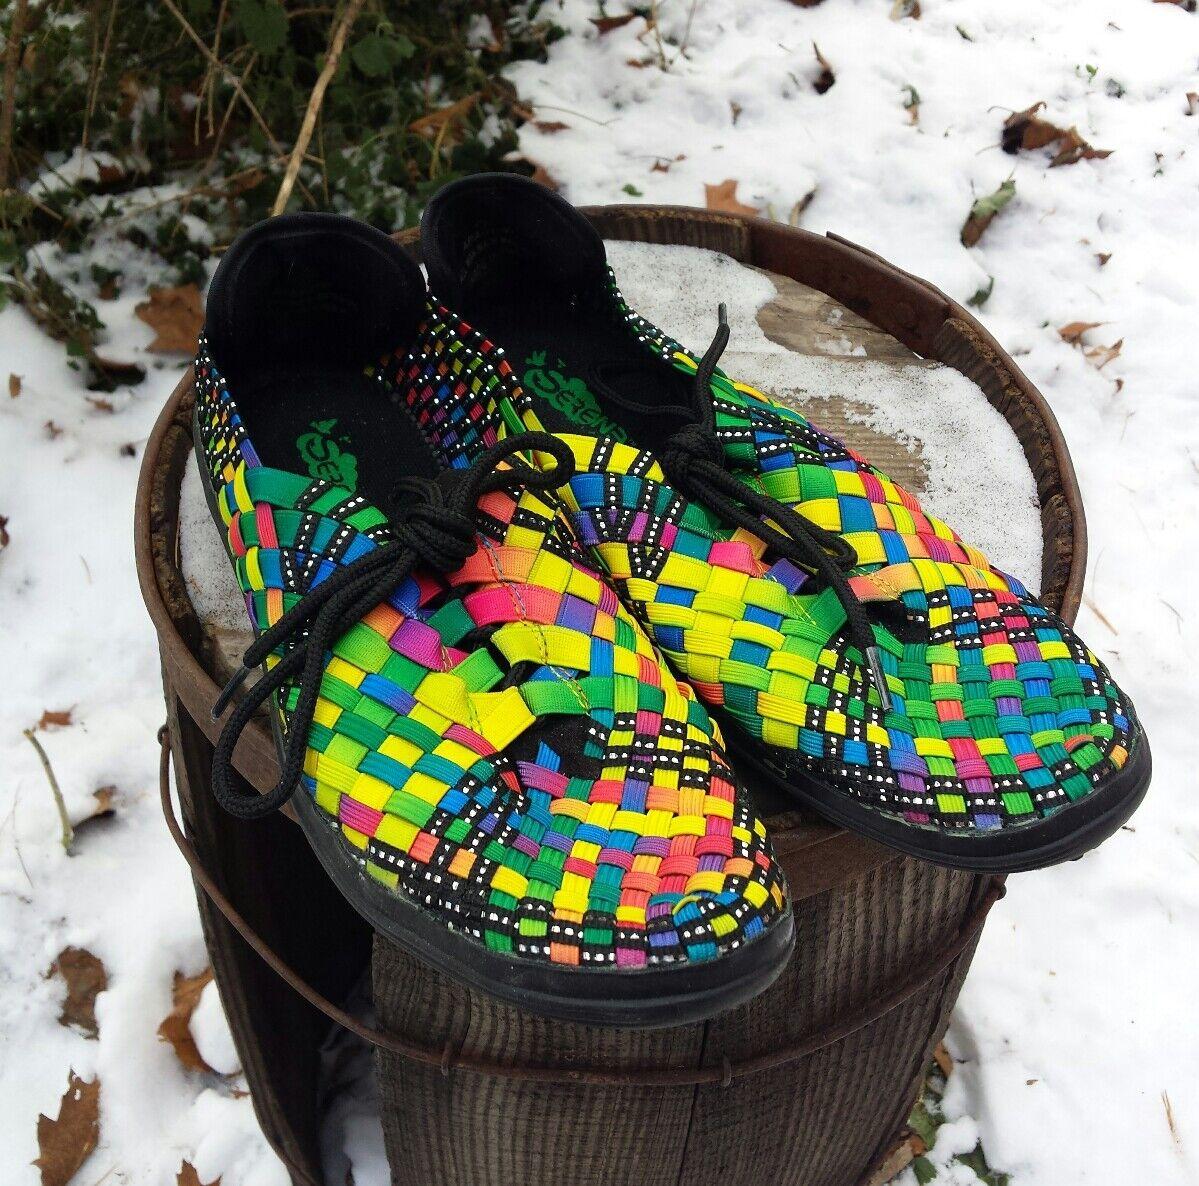 Serene Black Aragon Bright Multi color Neon Weave Flats shoes 7